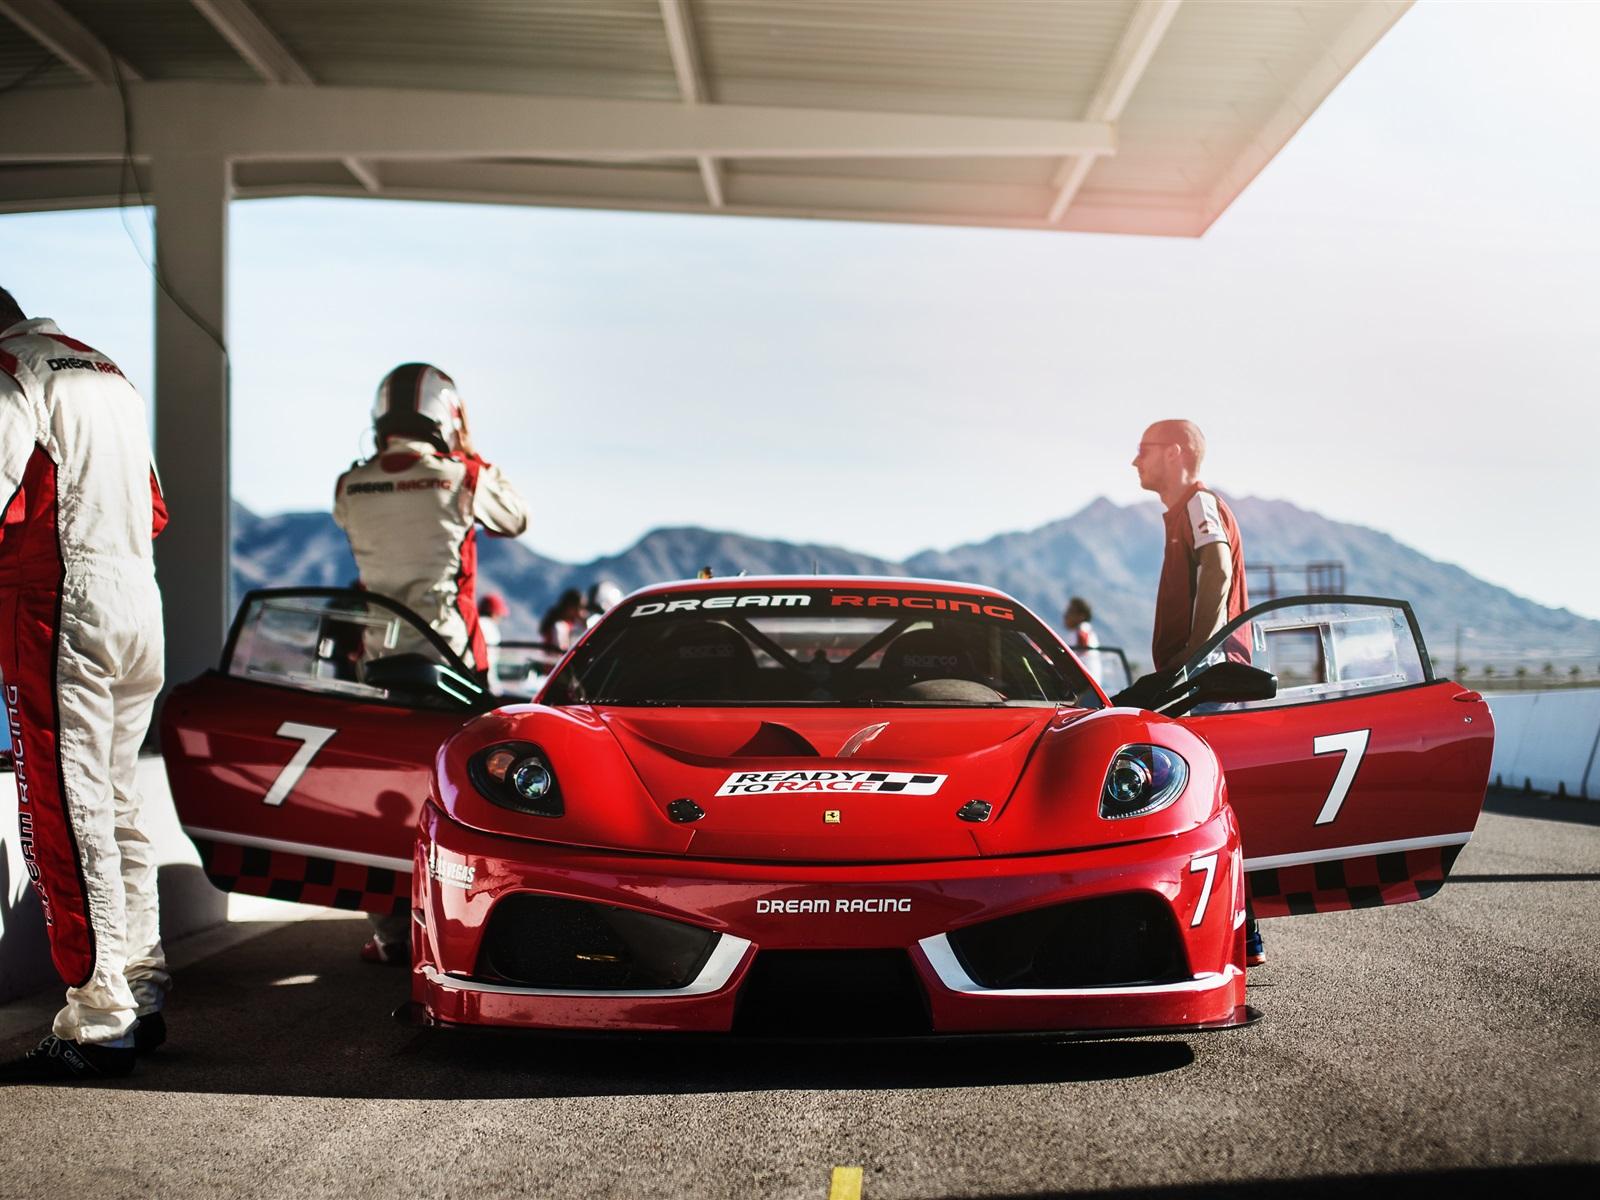 法拉利f430梦幻赛车,红色超级跑车前视图 壁纸 - 1600x1200